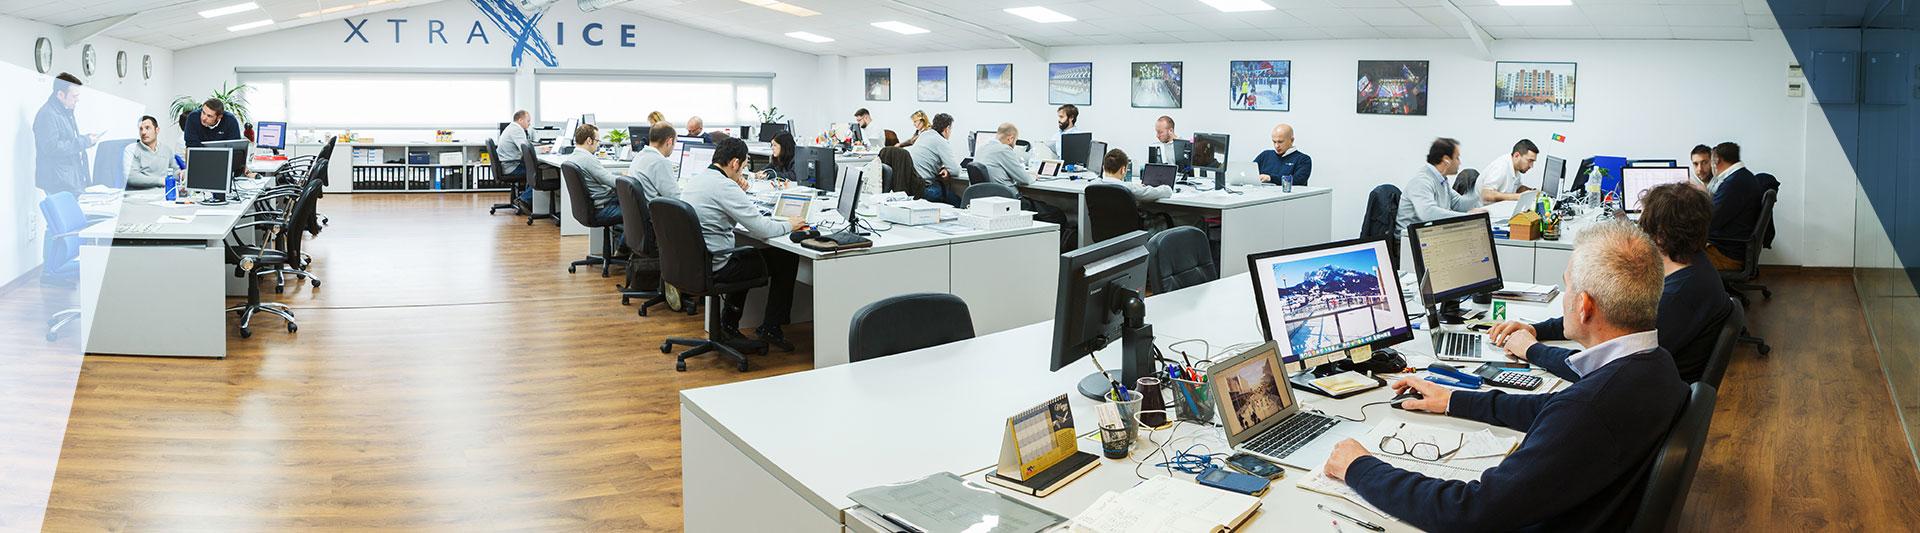 В нашем офисе работают более 20 национальностей